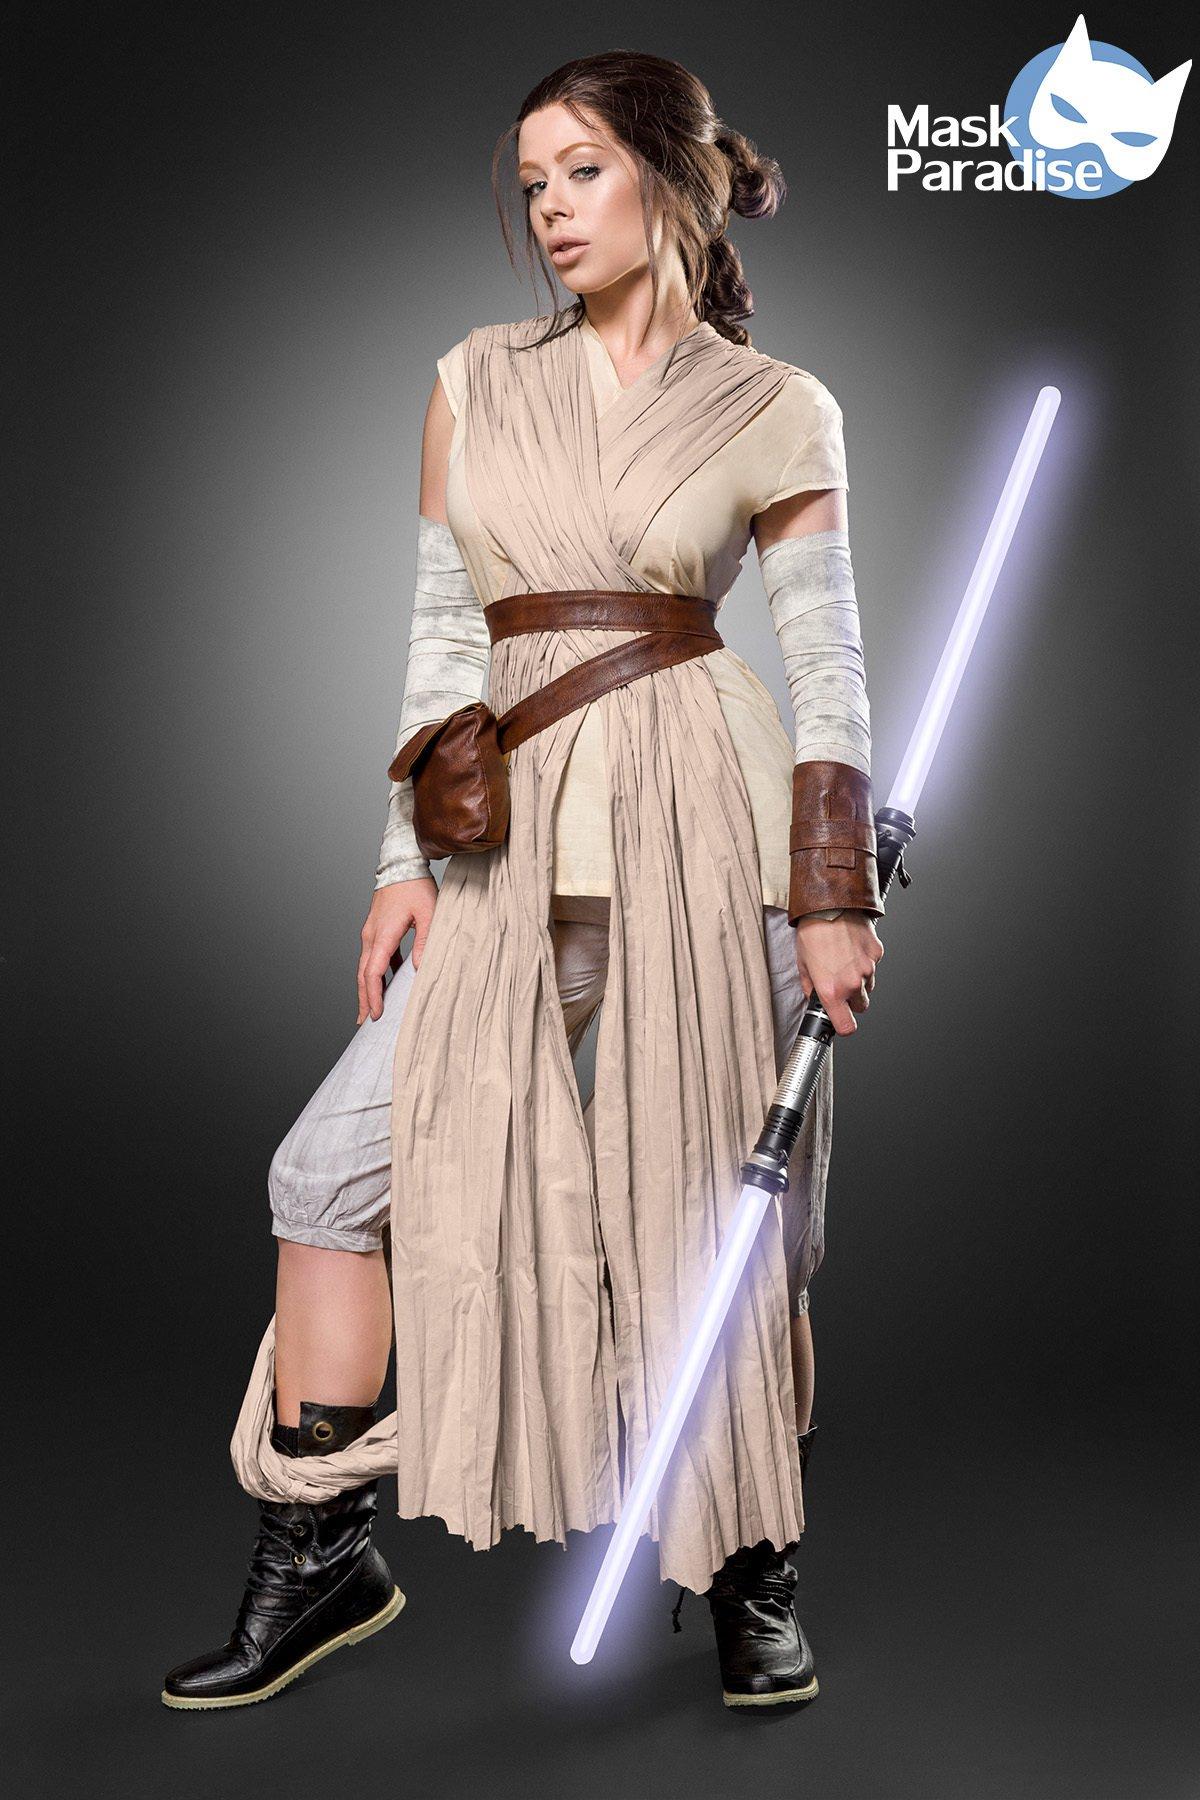 Desert Rey Kostüm im Star Wars Stil